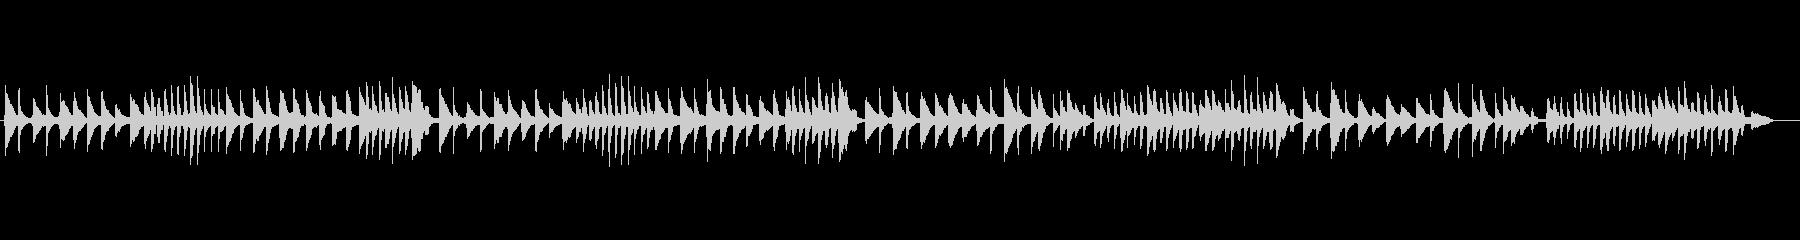 クラシックピアノ、チェルニーNo.35の未再生の波形